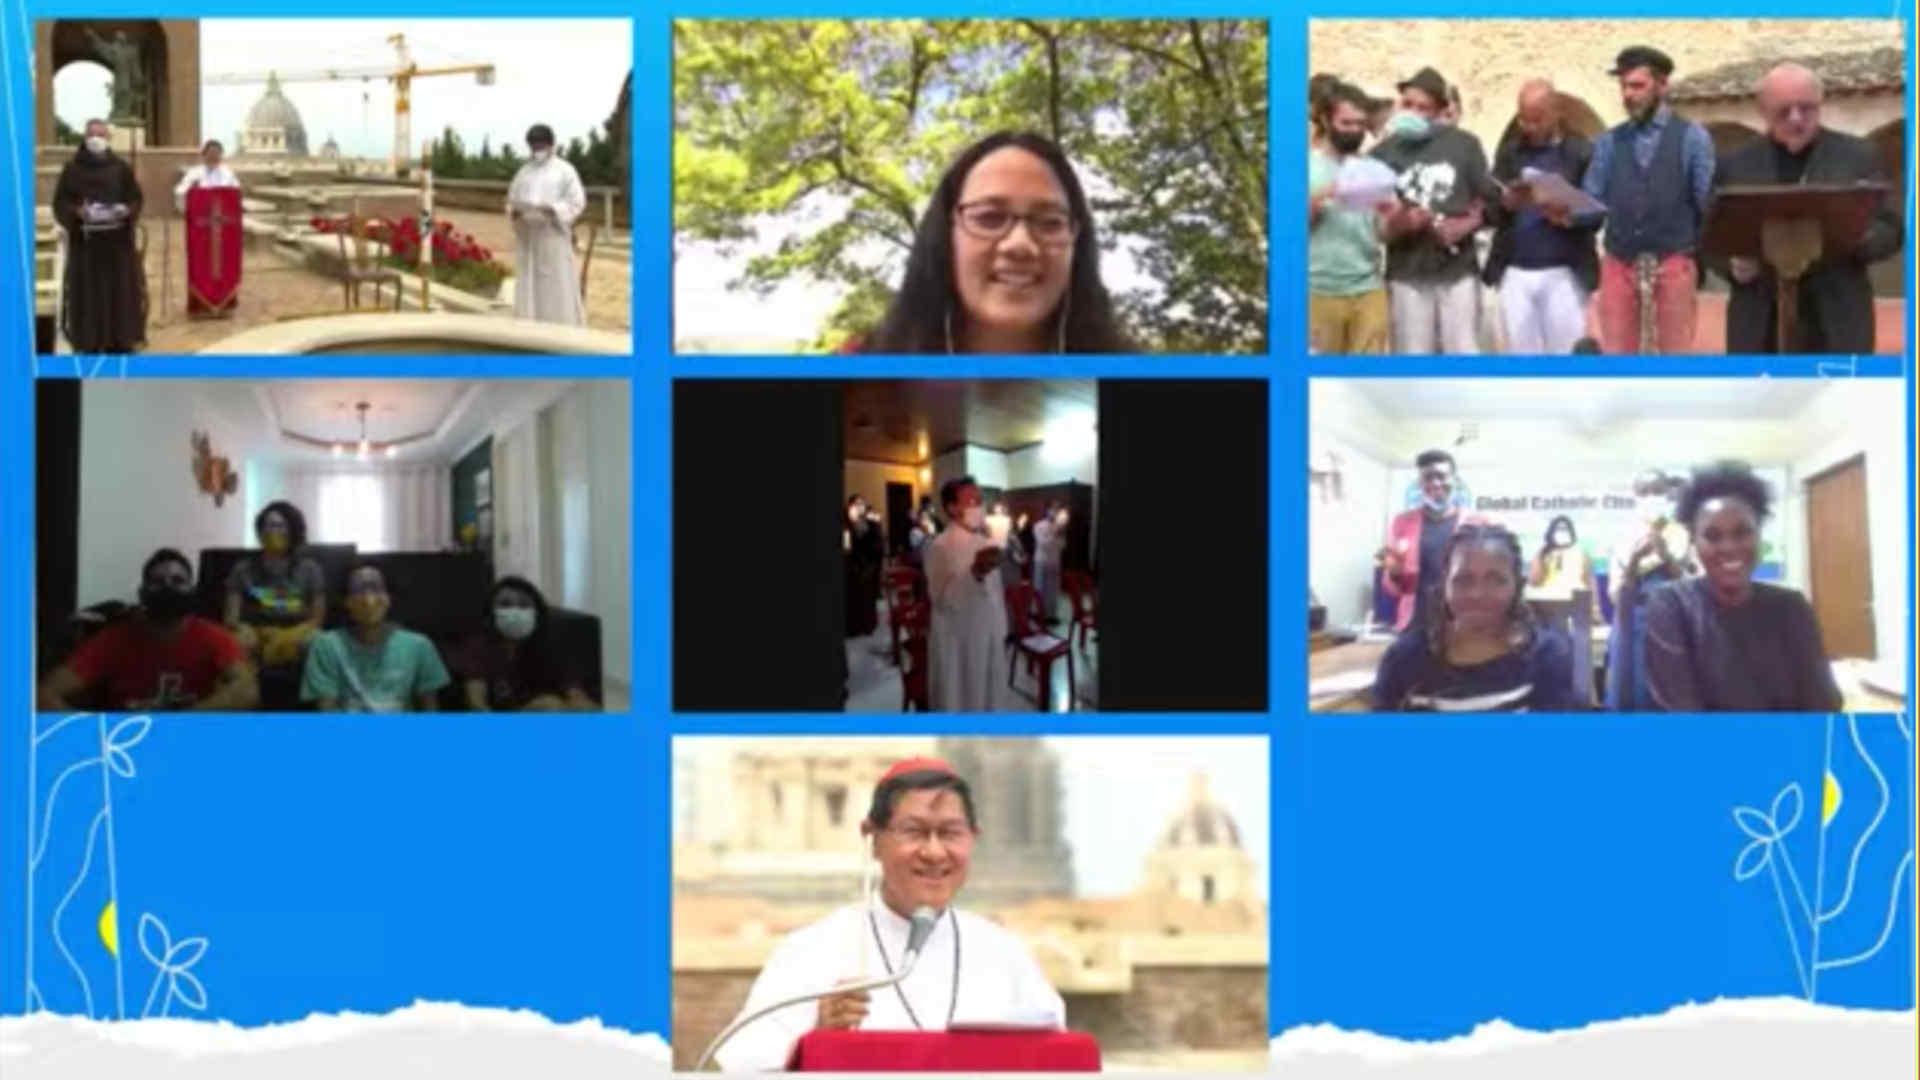 Laudato Si' Week 2021 highlights